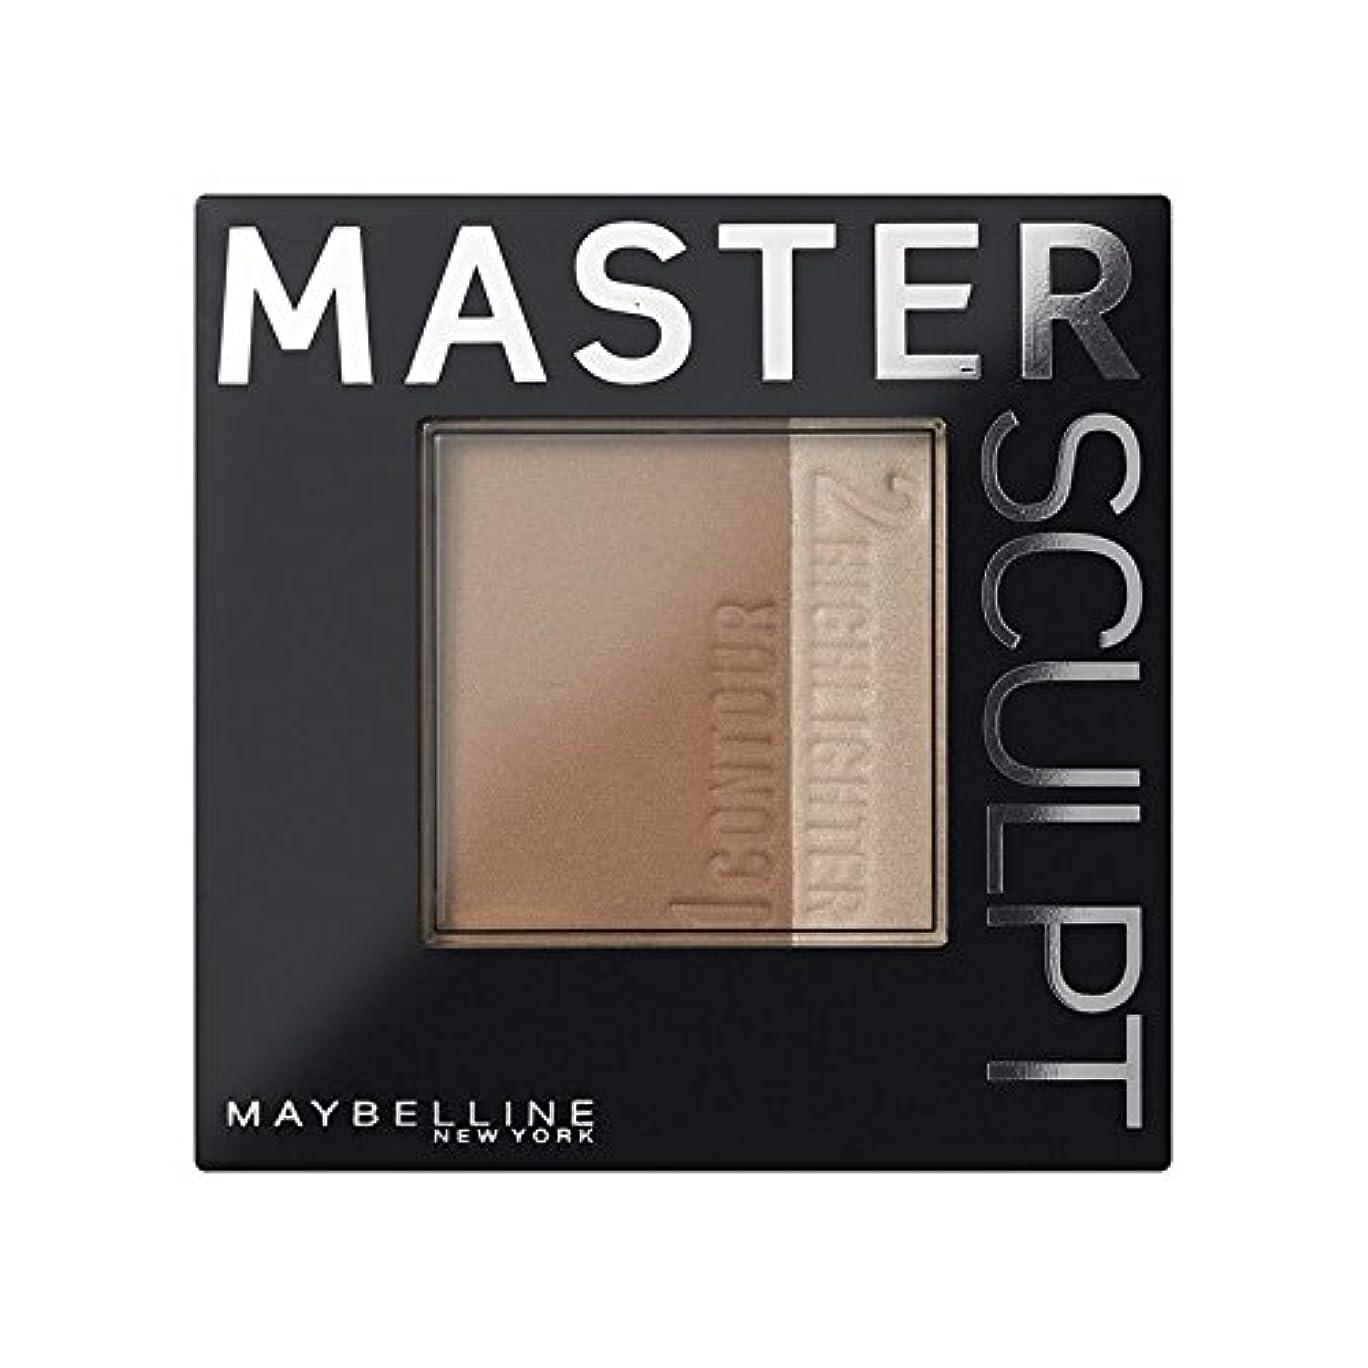 スタジアム事コーンウォール土台01光/ を輪郭メイベリンマスタースカルプト x4 - Maybelline Master Sculpt Contouring Foundation 01 Light/Med (Pack of 4) [並行輸入品]